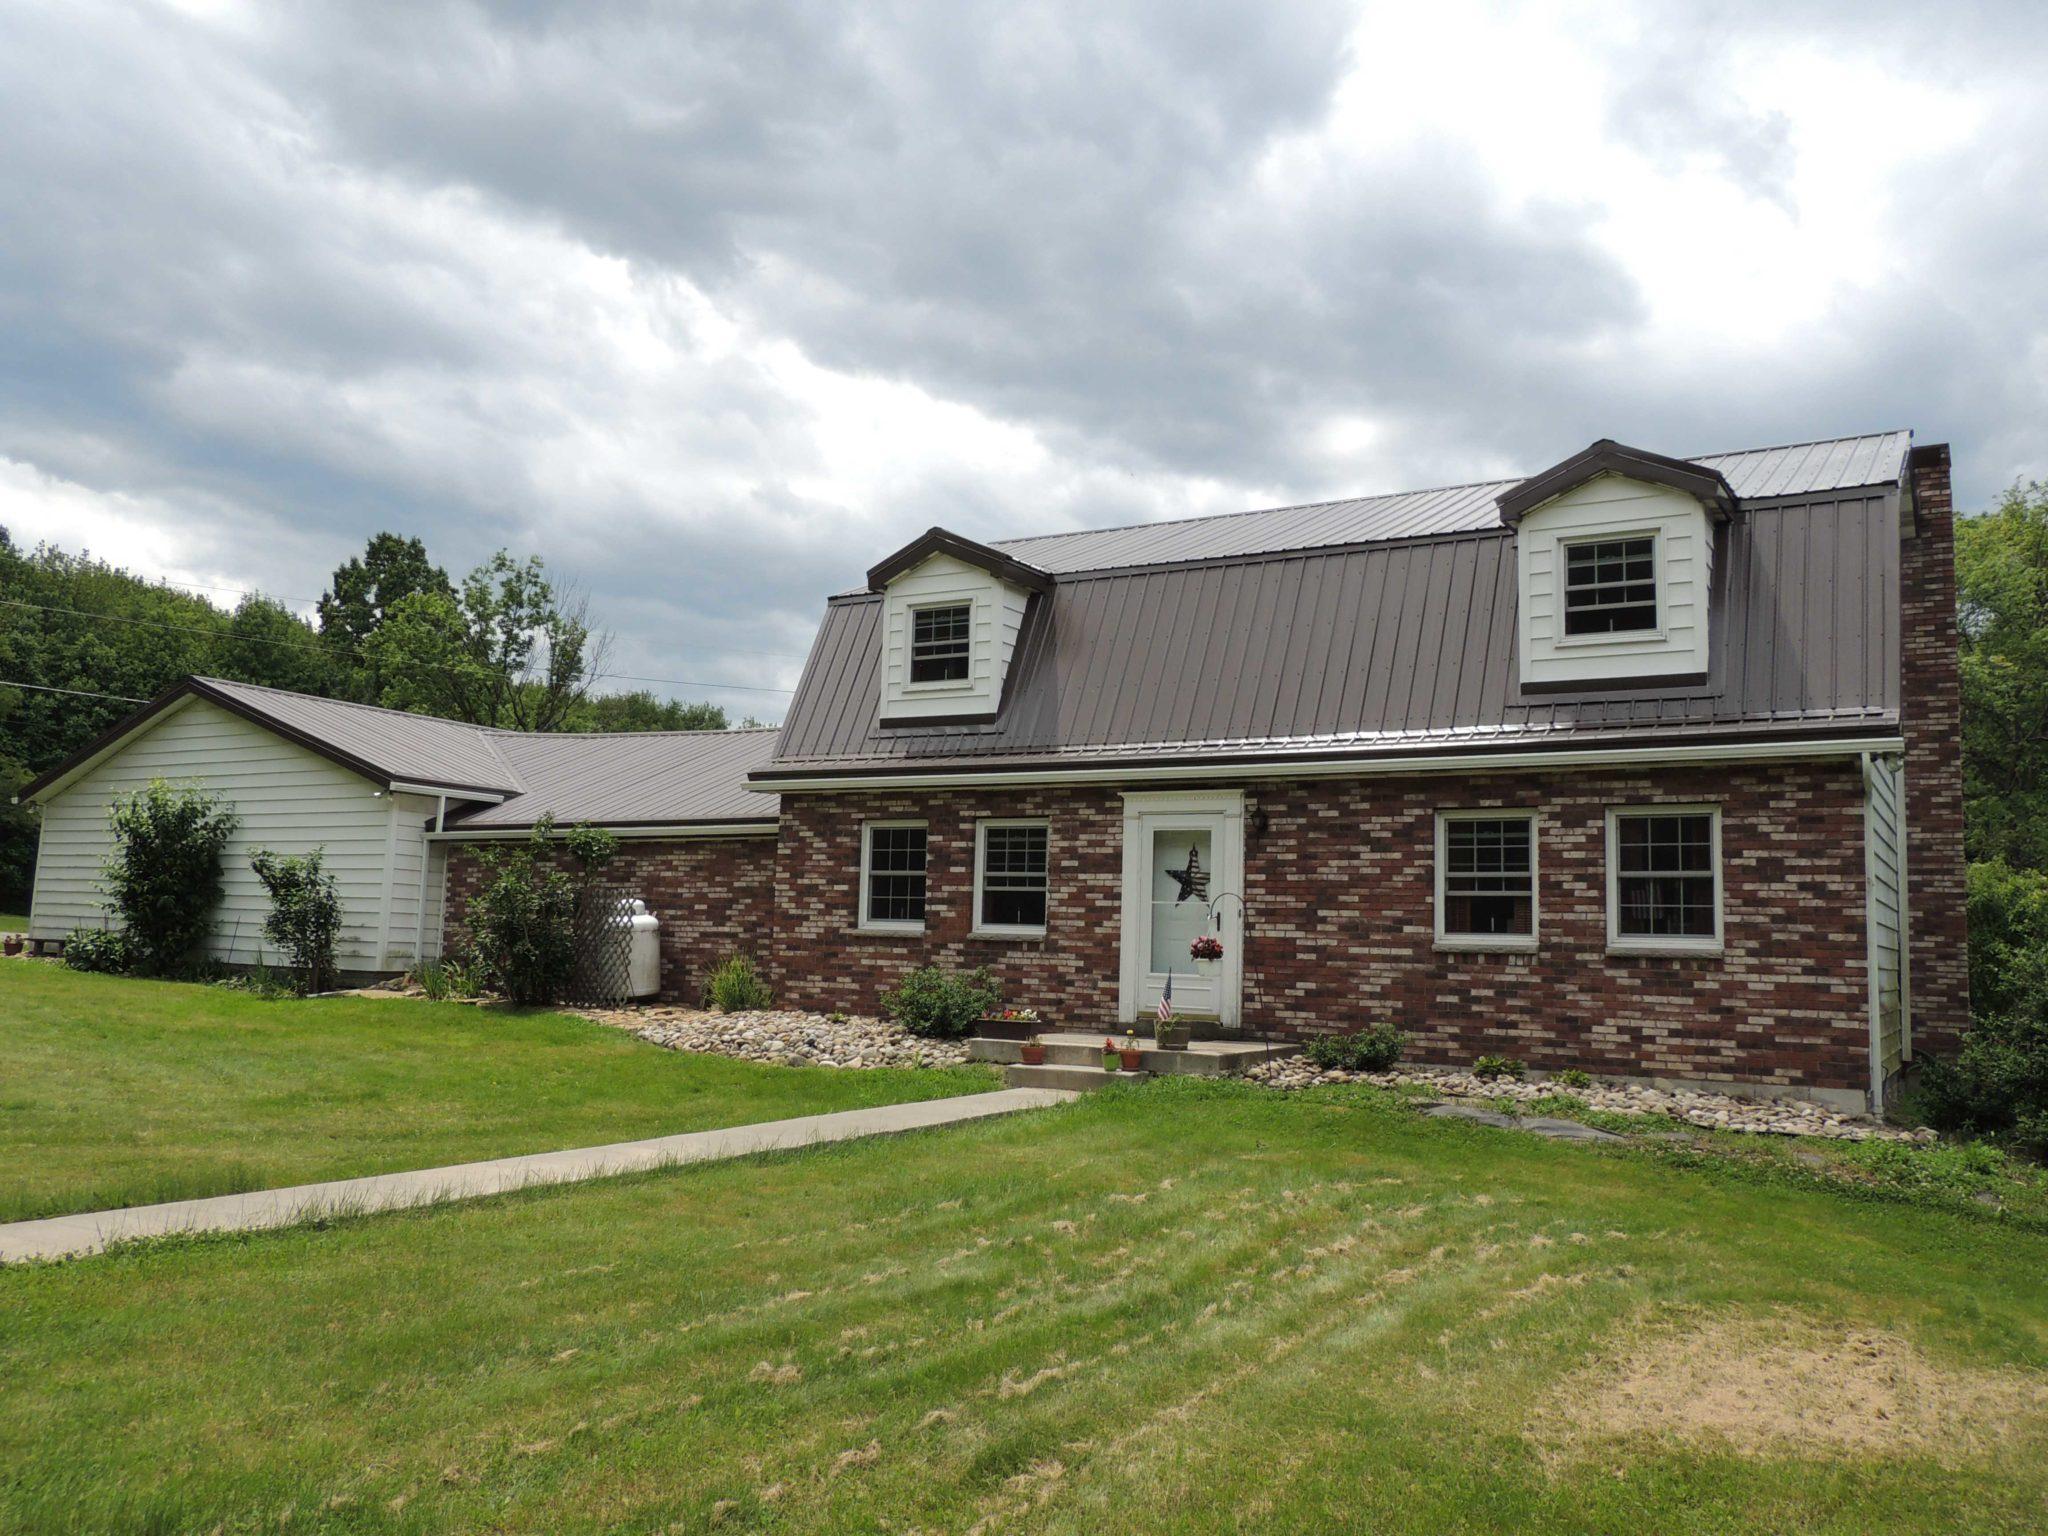 Tri county garage door garage door repair and installation garage doors metal roofing pole buildings and more rubansaba